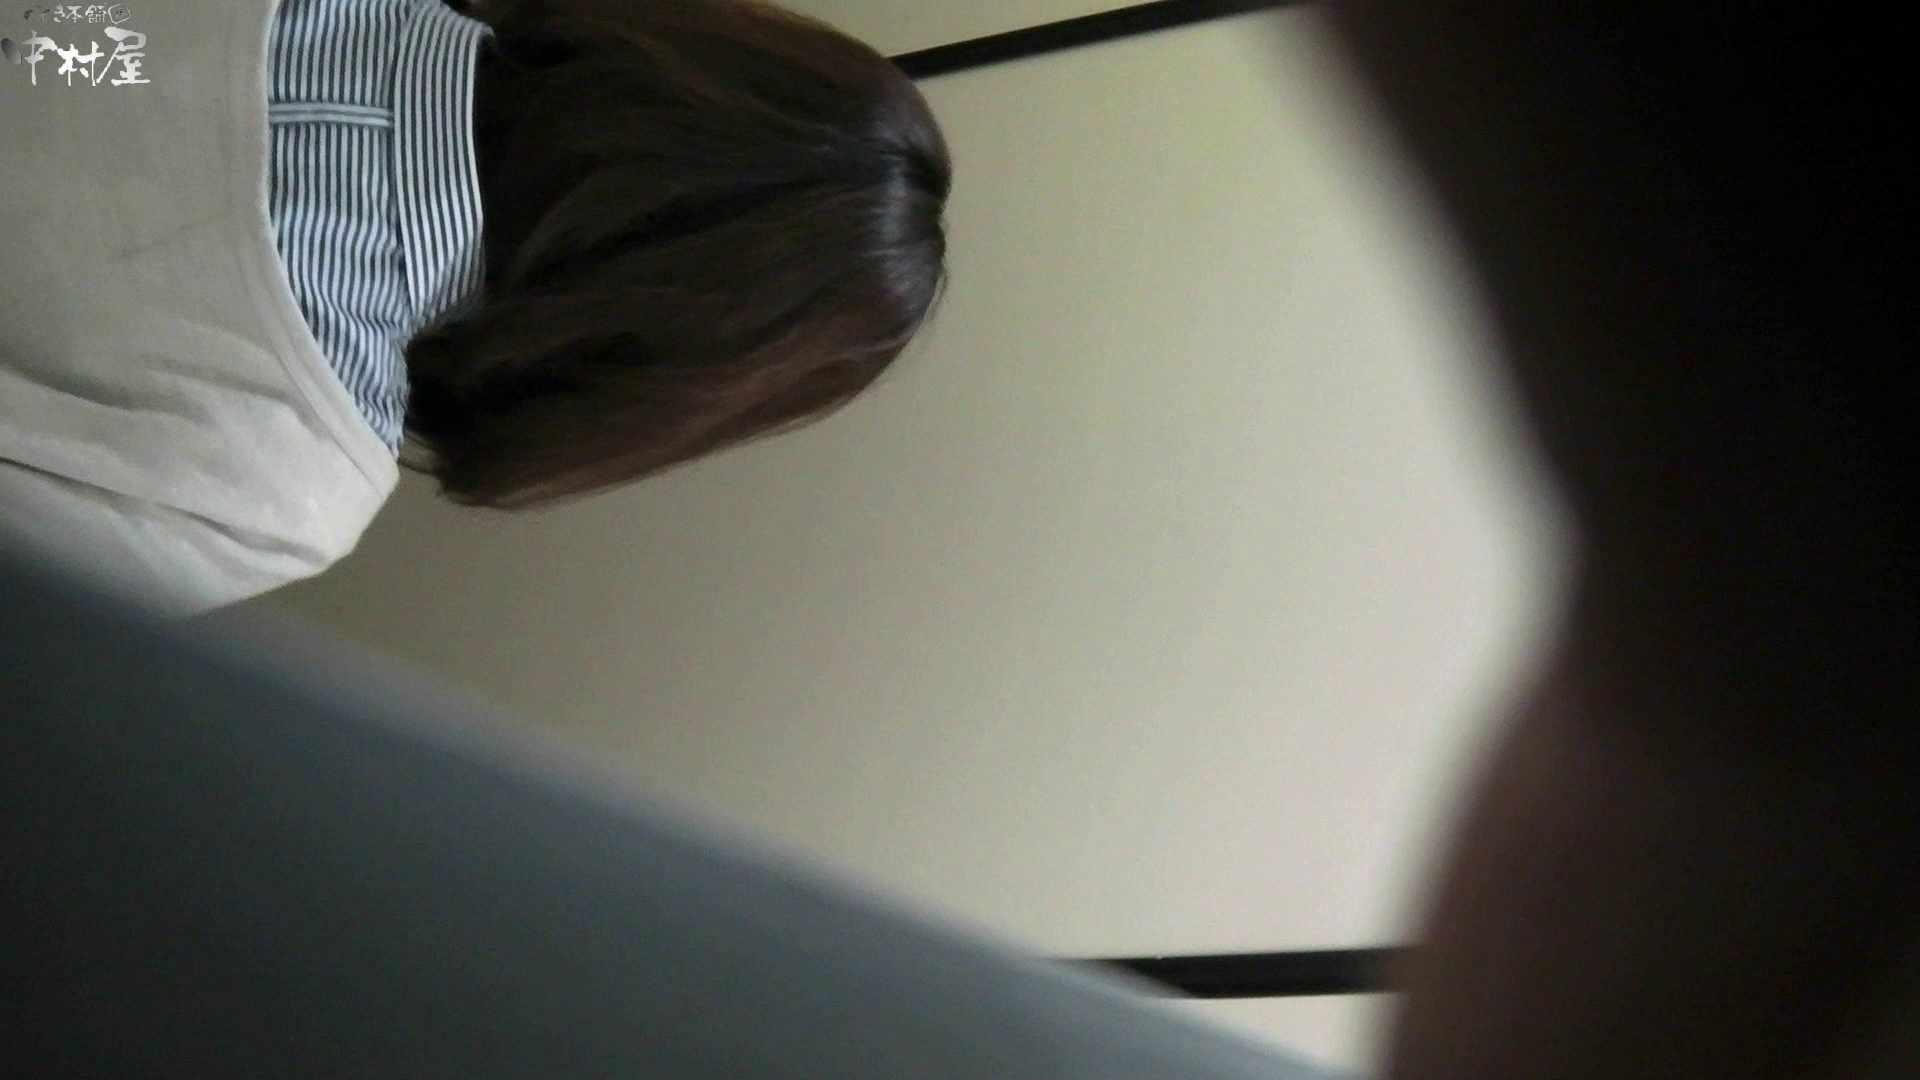 お市さんの「お尻丸出しジャンボリー」No.03 盗撮師作品 盗撮動画紹介 107pic 79